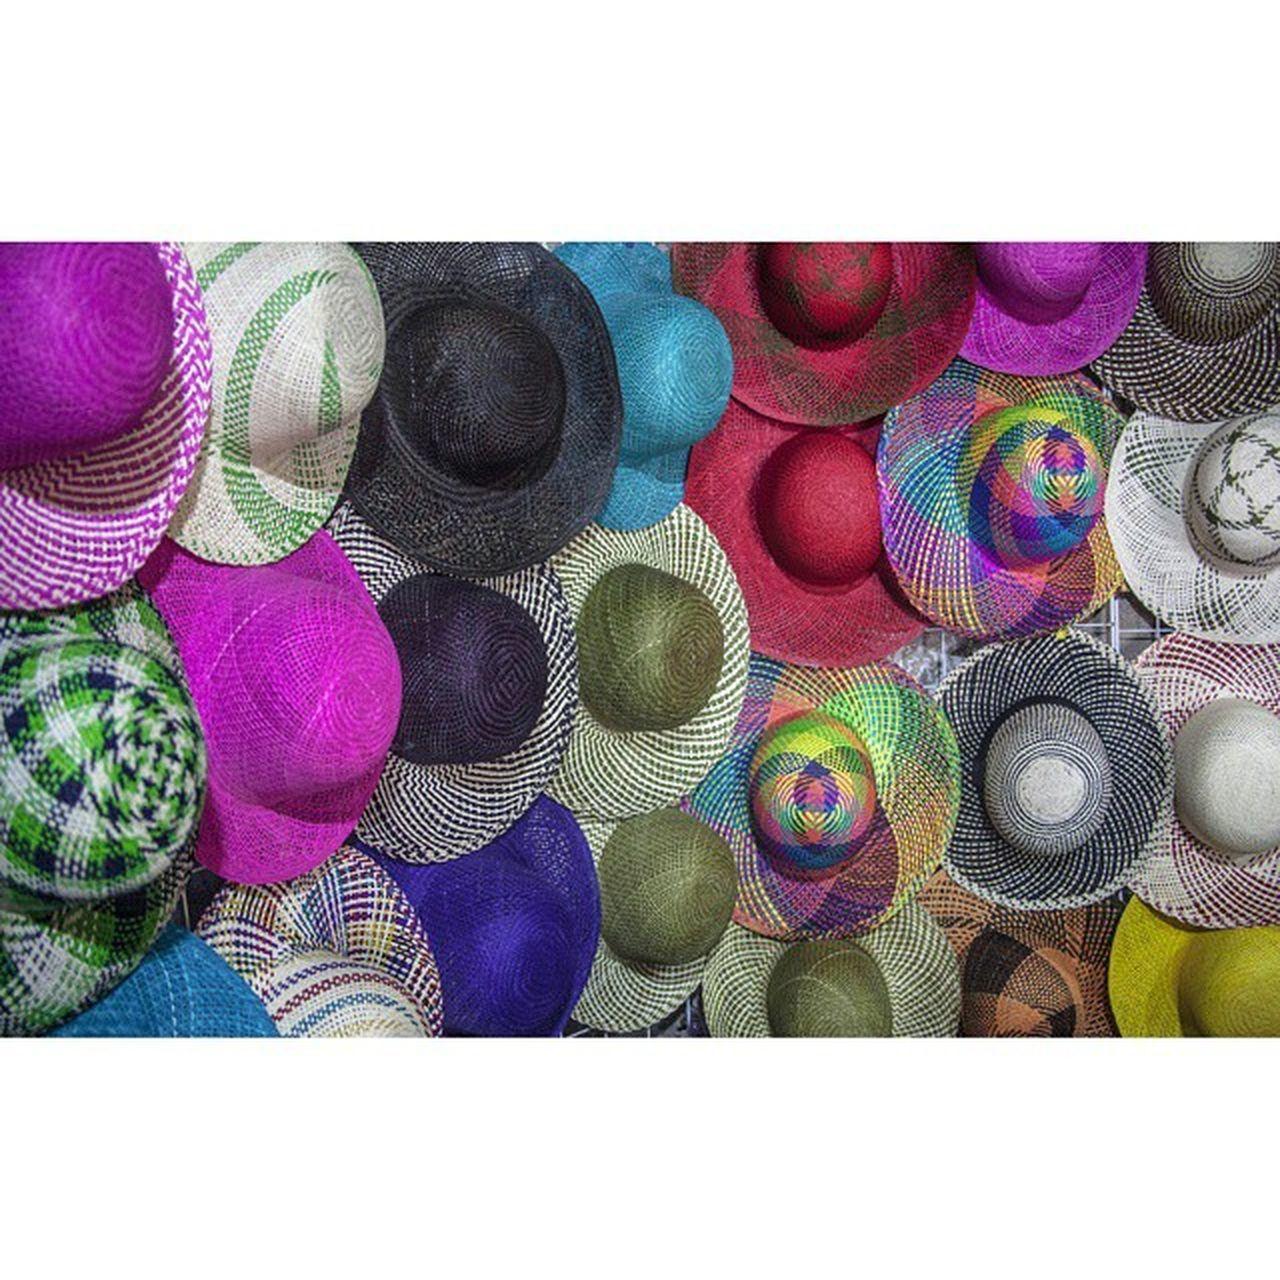 Canon 5dmarkll Yúcatan Mimexico Mexicomagico Color Sombrero Fotografo Foto Arte Artesania Tdt